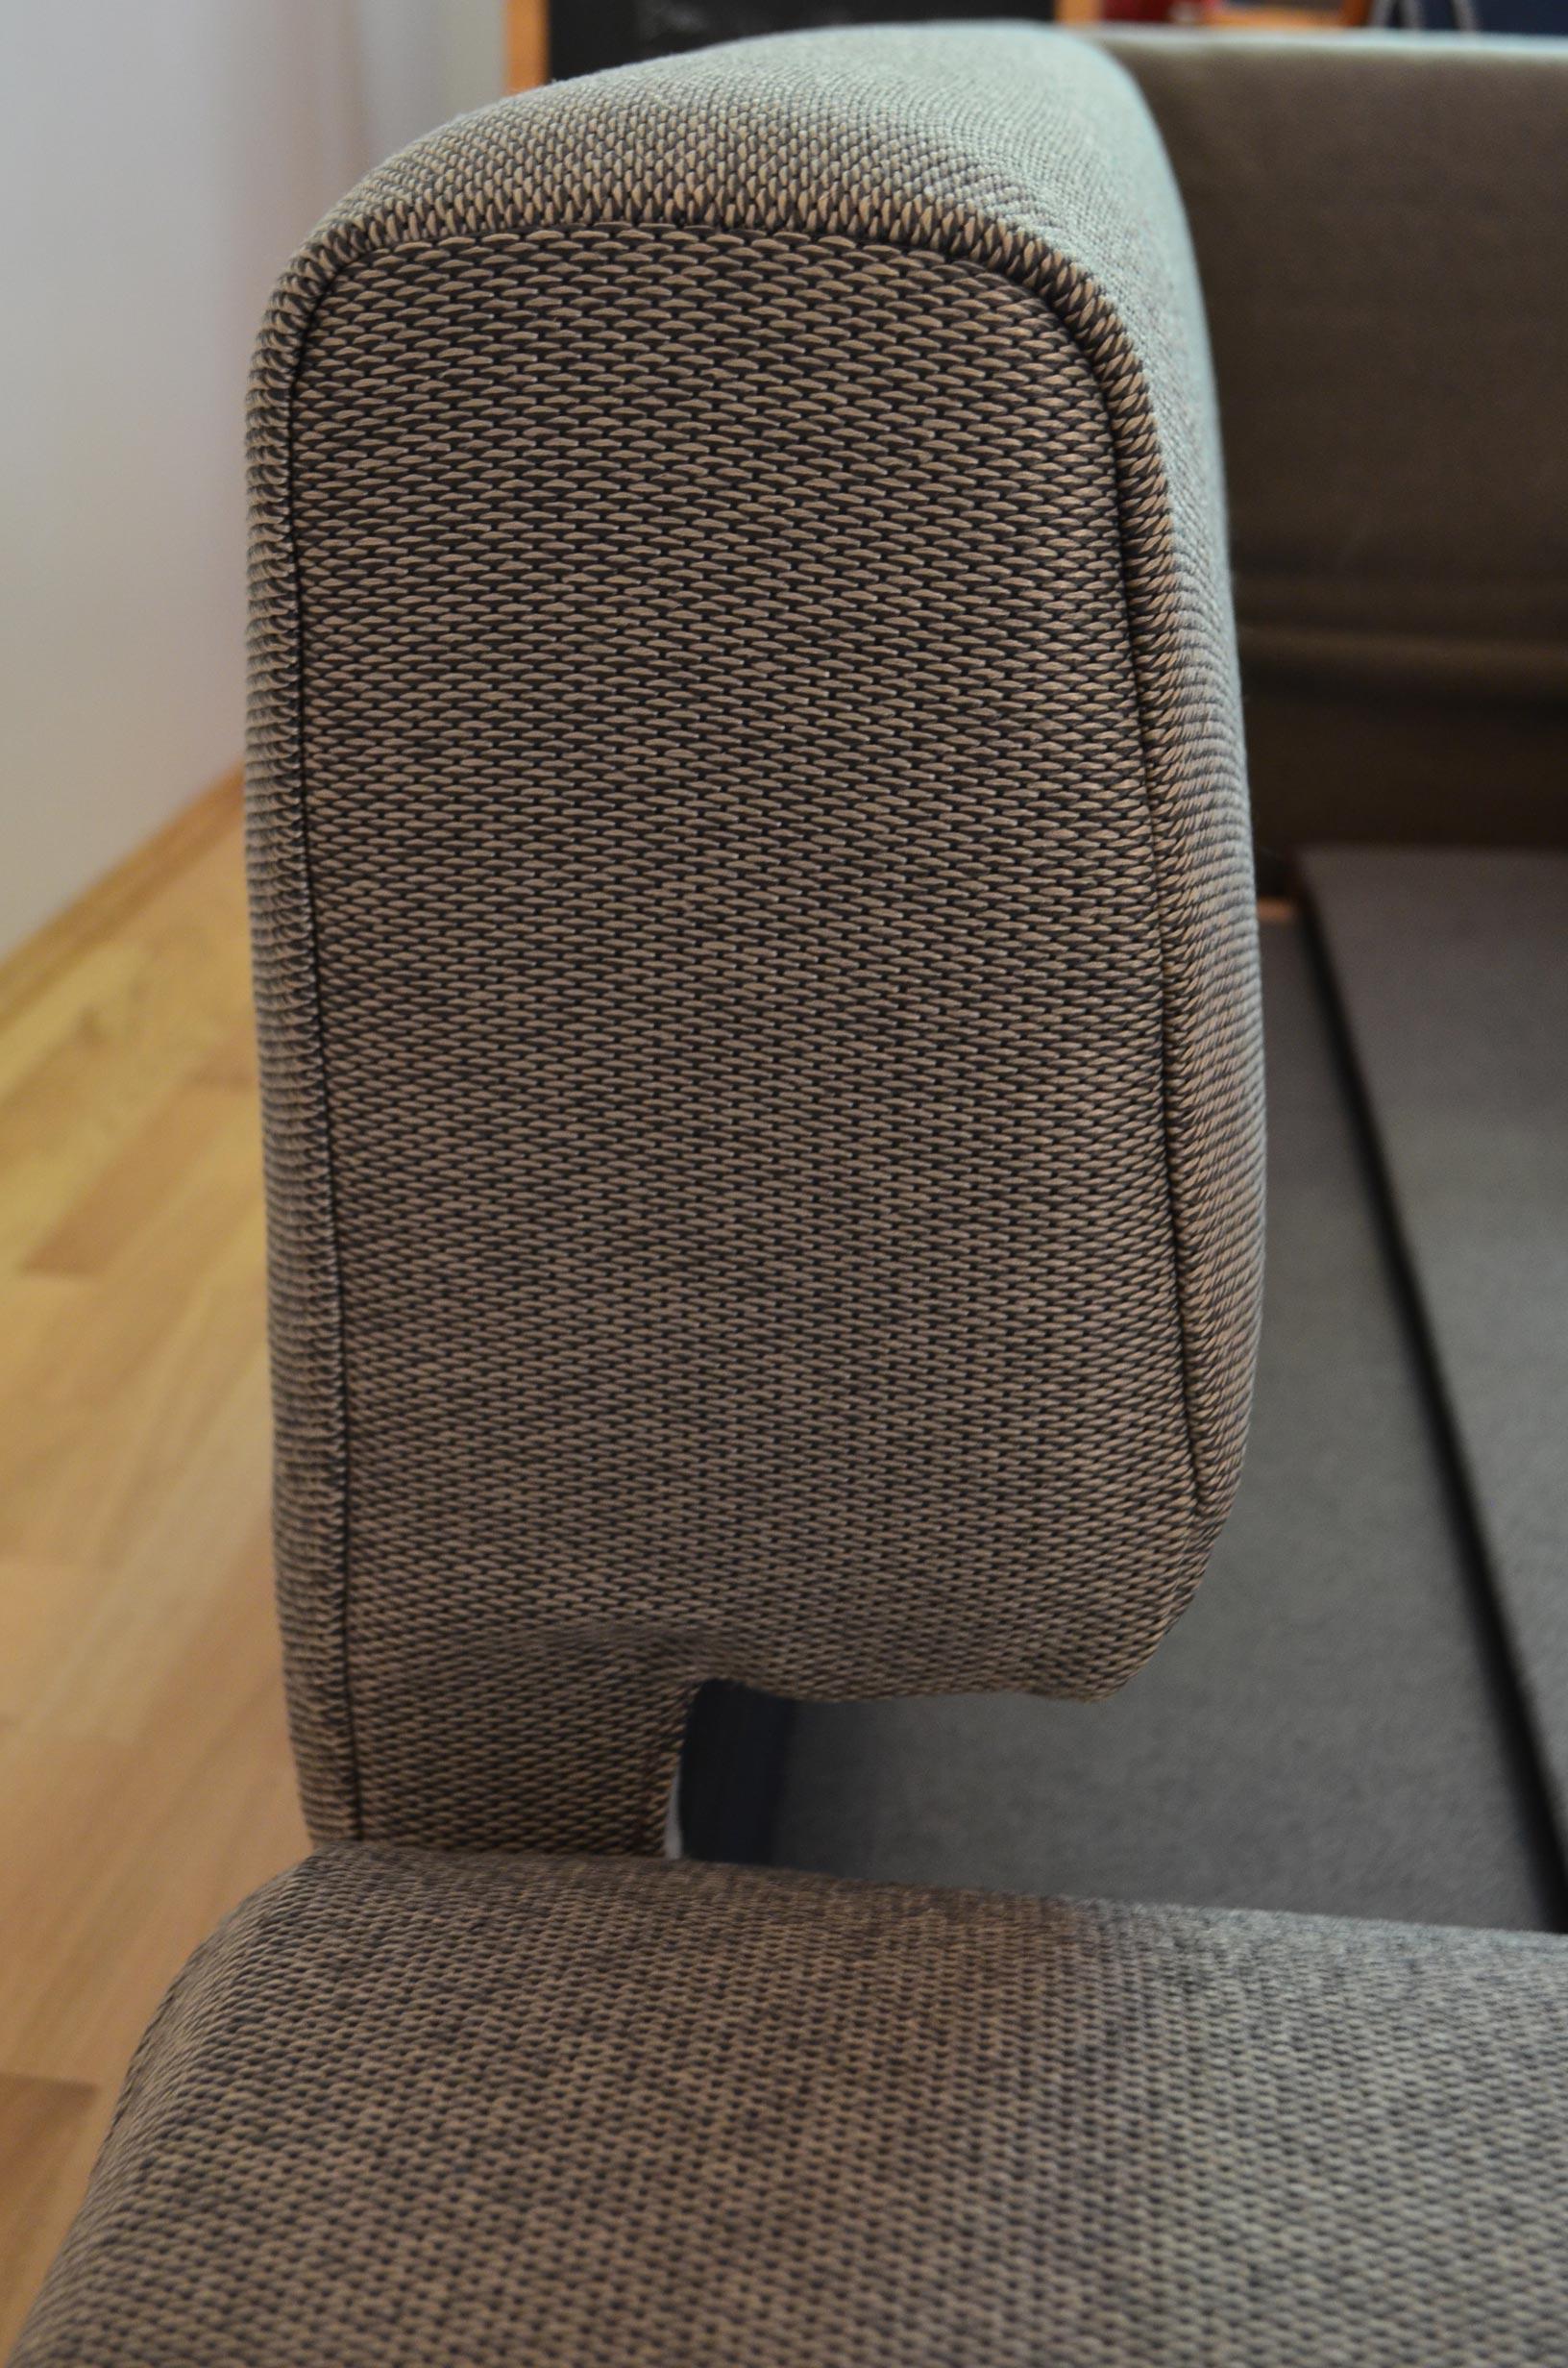 Sofabezug Färben Lassen sofabezug frben lassen dank der sorgfltig aufeinander materialien